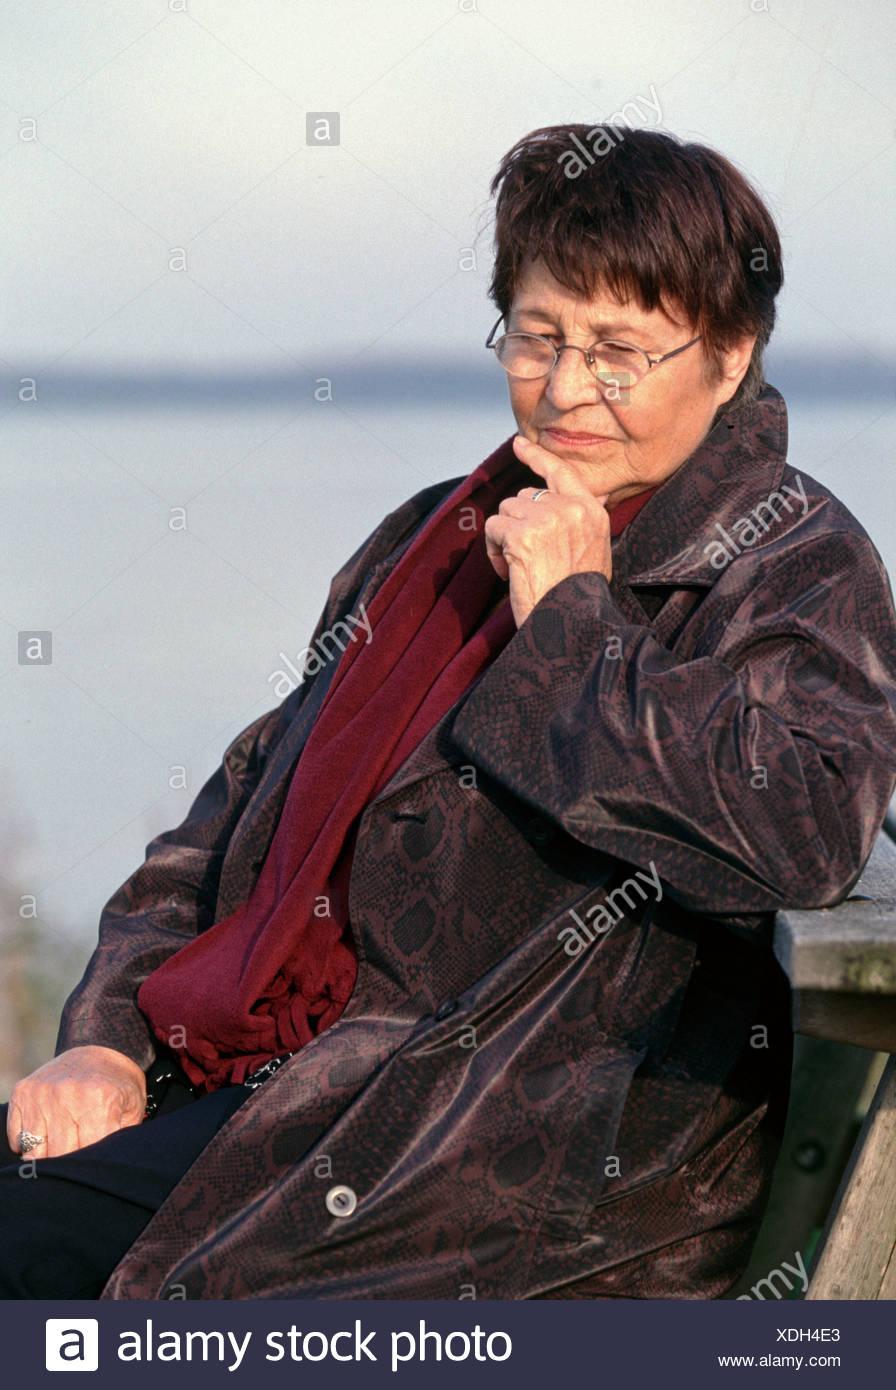 Senior donna 70s lonely fuori contemplando Immagini Stock